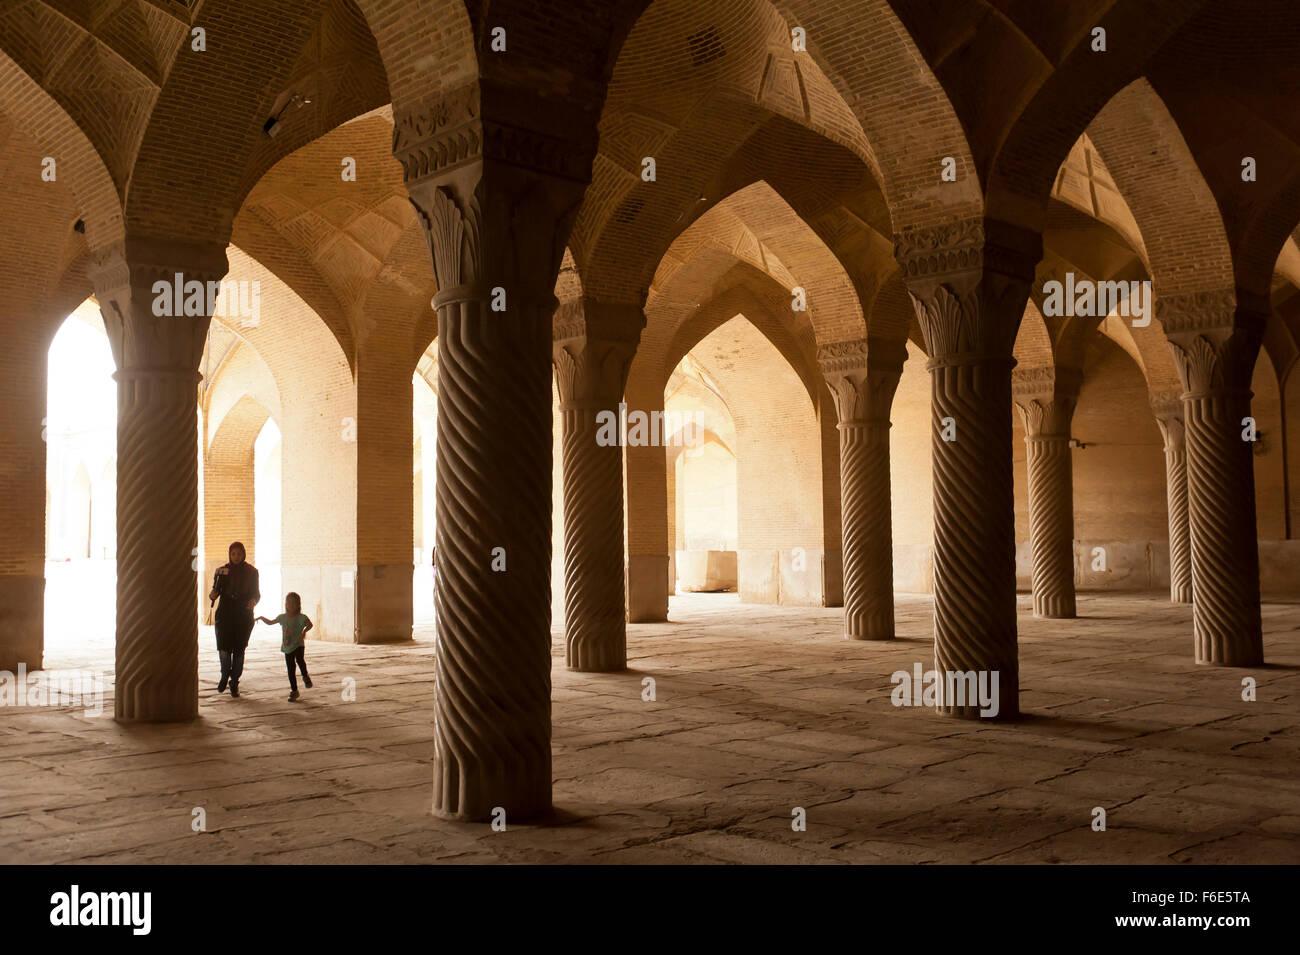 Madre con su hijo en la sala de oración de la Mezquita Vakil, Shiraz, Irán Imagen De Stock